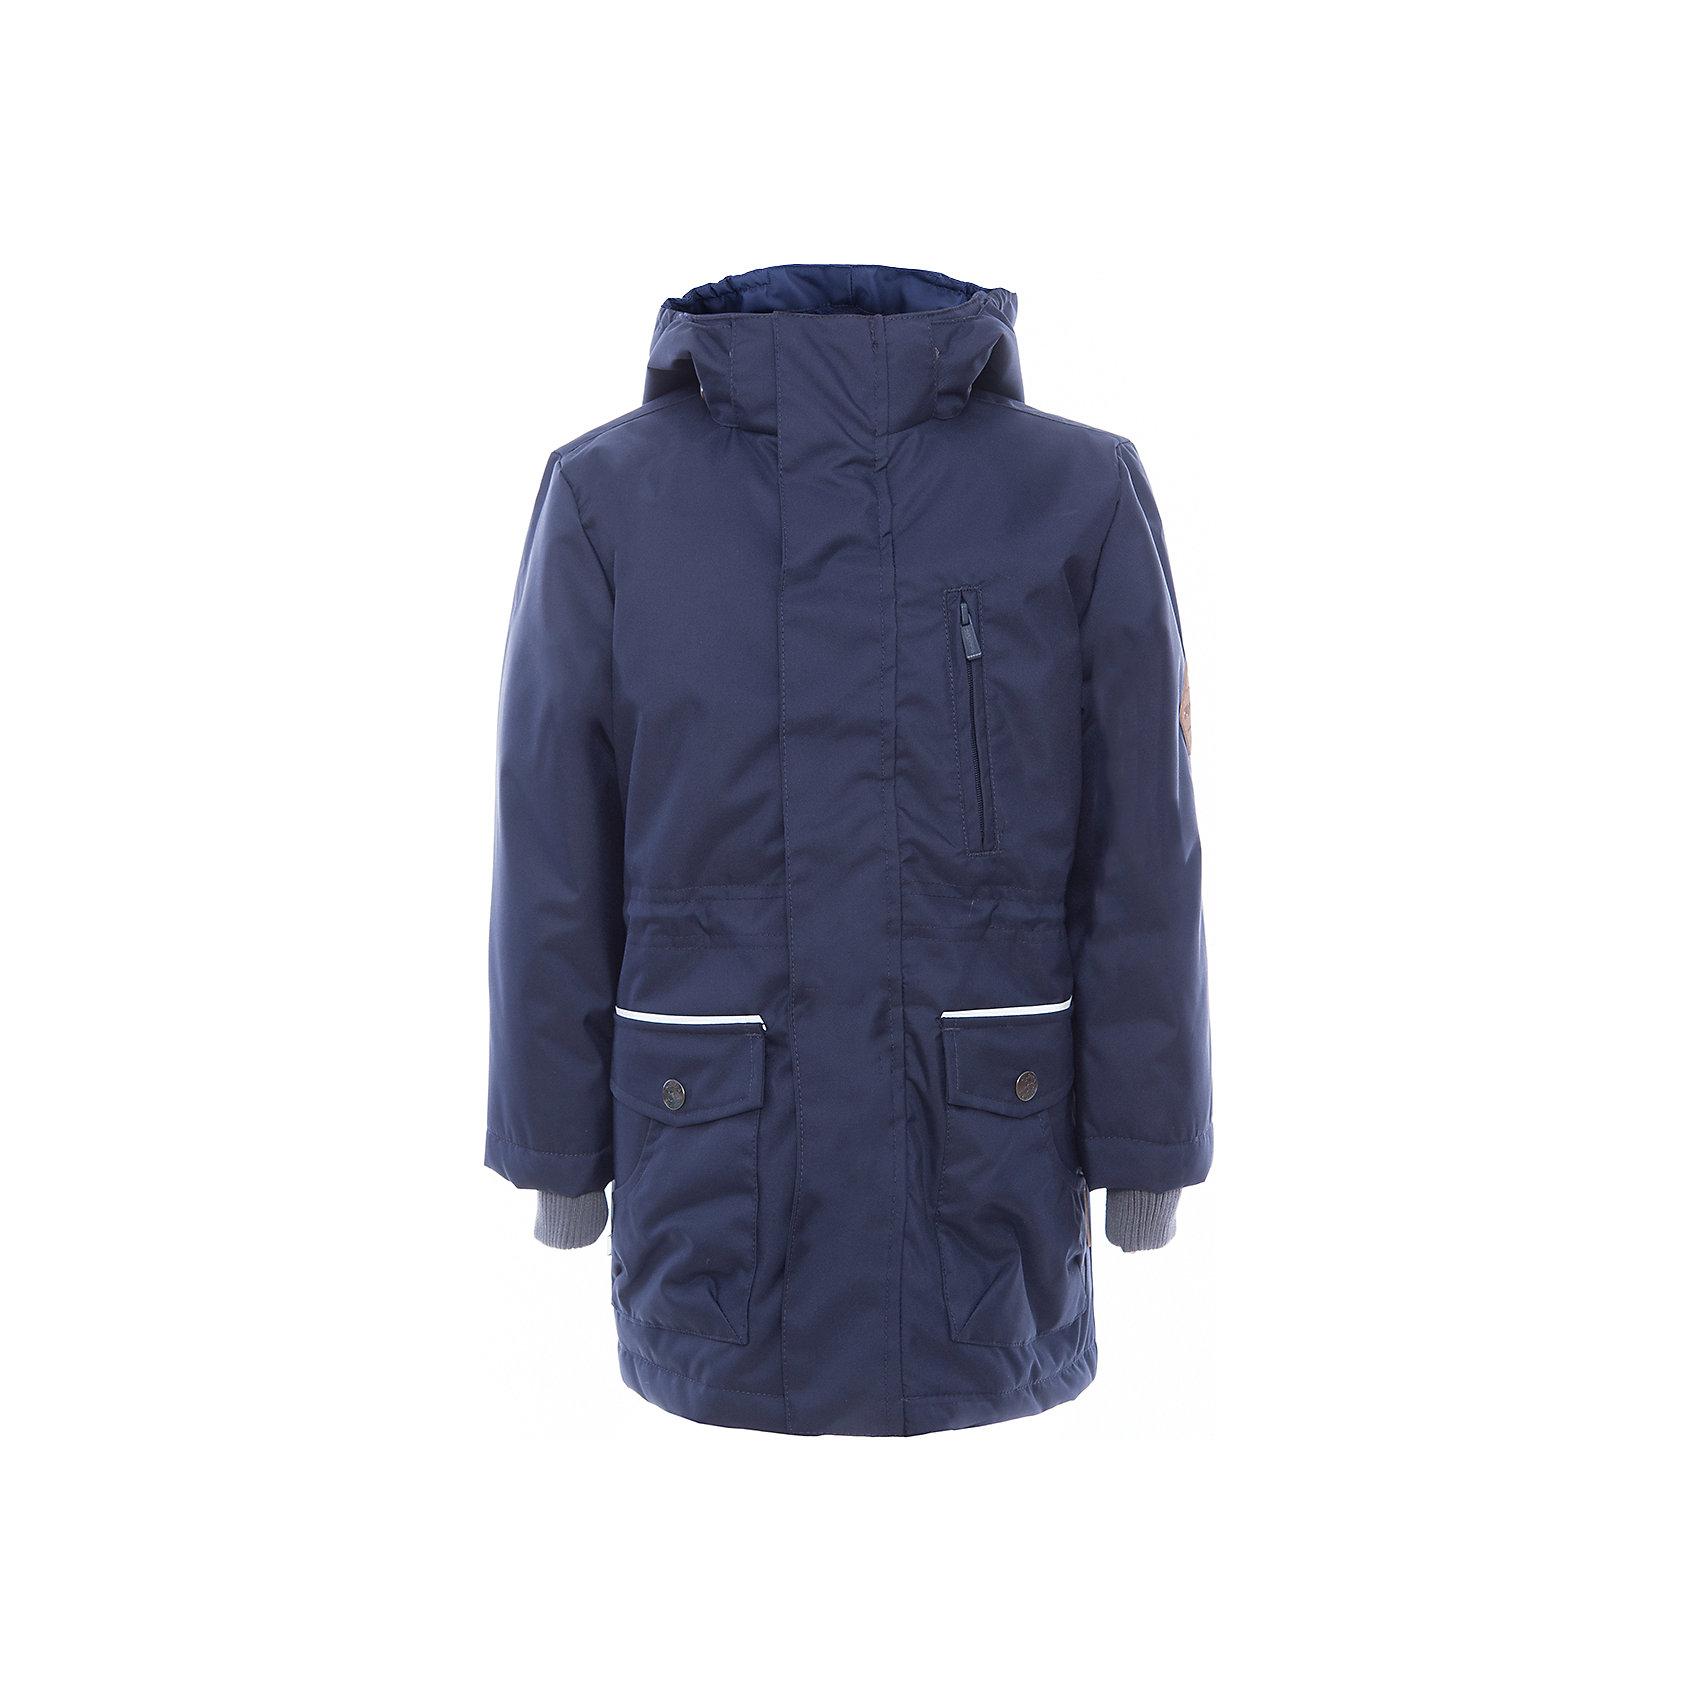 Куртка для мальчика ROLF HuppaДемисезонные куртки<br>Характеристики товара:<br><br>• цвет: тёмно-синий<br>• ткань: 100% полиэстер<br>• подкладка: тафта - 100% полиэстер<br>• утеплитель: 100% полиэстер 100 г<br>• температурный режим: от -5°С до +10°С<br>• водонепроницаемость: 10000 мм<br>• воздухопроницаемость: 10000 мм<br>• светоотражающие детали<br>• эластичные манжеты<br>• молния<br>• плечевые швы проклеены<br>• карманы на молнии<br>• эластичный шнур + фиксатор<br>• съёмный капюшон с резинкой<br>• внутренние вязаные манжеты<br>• комфортная посадка<br>• коллекция: весна-лето 2017<br>• страна бренда: Эстония<br><br>Эта стильная куртка обеспечит детям тепло и комфорт. Она сделана из материала, отталкивающего воду, и дополнено подкладкой с утеплителем, поэтому изделие идеально подходит для межсезонья. Материал изделия - с мембранной технологией: защищая от влаги и ветра, он легко выводит лишнюю влагу наружу. Для удобства сделан капюшон. Куртка очень симпатично смотрится, яркая расцветка и крой добавляют ему оригинальности. Модель была разработана специально для детей.<br><br>Одежда и обувь от популярного эстонского бренда Huppa - отличный вариант одеть ребенка можно и комфортно. Вещи, выпускаемые компанией, качественные, продуманные и очень удобные. Для производства изделий используются только безопасные для детей материалы. Продукция от Huppa порадует и детей, и их родителей!<br><br>Куртку для мальчика ROLF от бренда Huppa (Хуппа) можно купить в нашем интернет-магазине.<br><br>Ширина мм: 356<br>Глубина мм: 10<br>Высота мм: 245<br>Вес г: 519<br>Цвет: синий<br>Возраст от месяцев: 36<br>Возраст до месяцев: 48<br>Пол: Мужской<br>Возраст: Детский<br>Размер: 104,170,110,116,122,128,134,140,146,152,158,164<br>SKU: 5347075